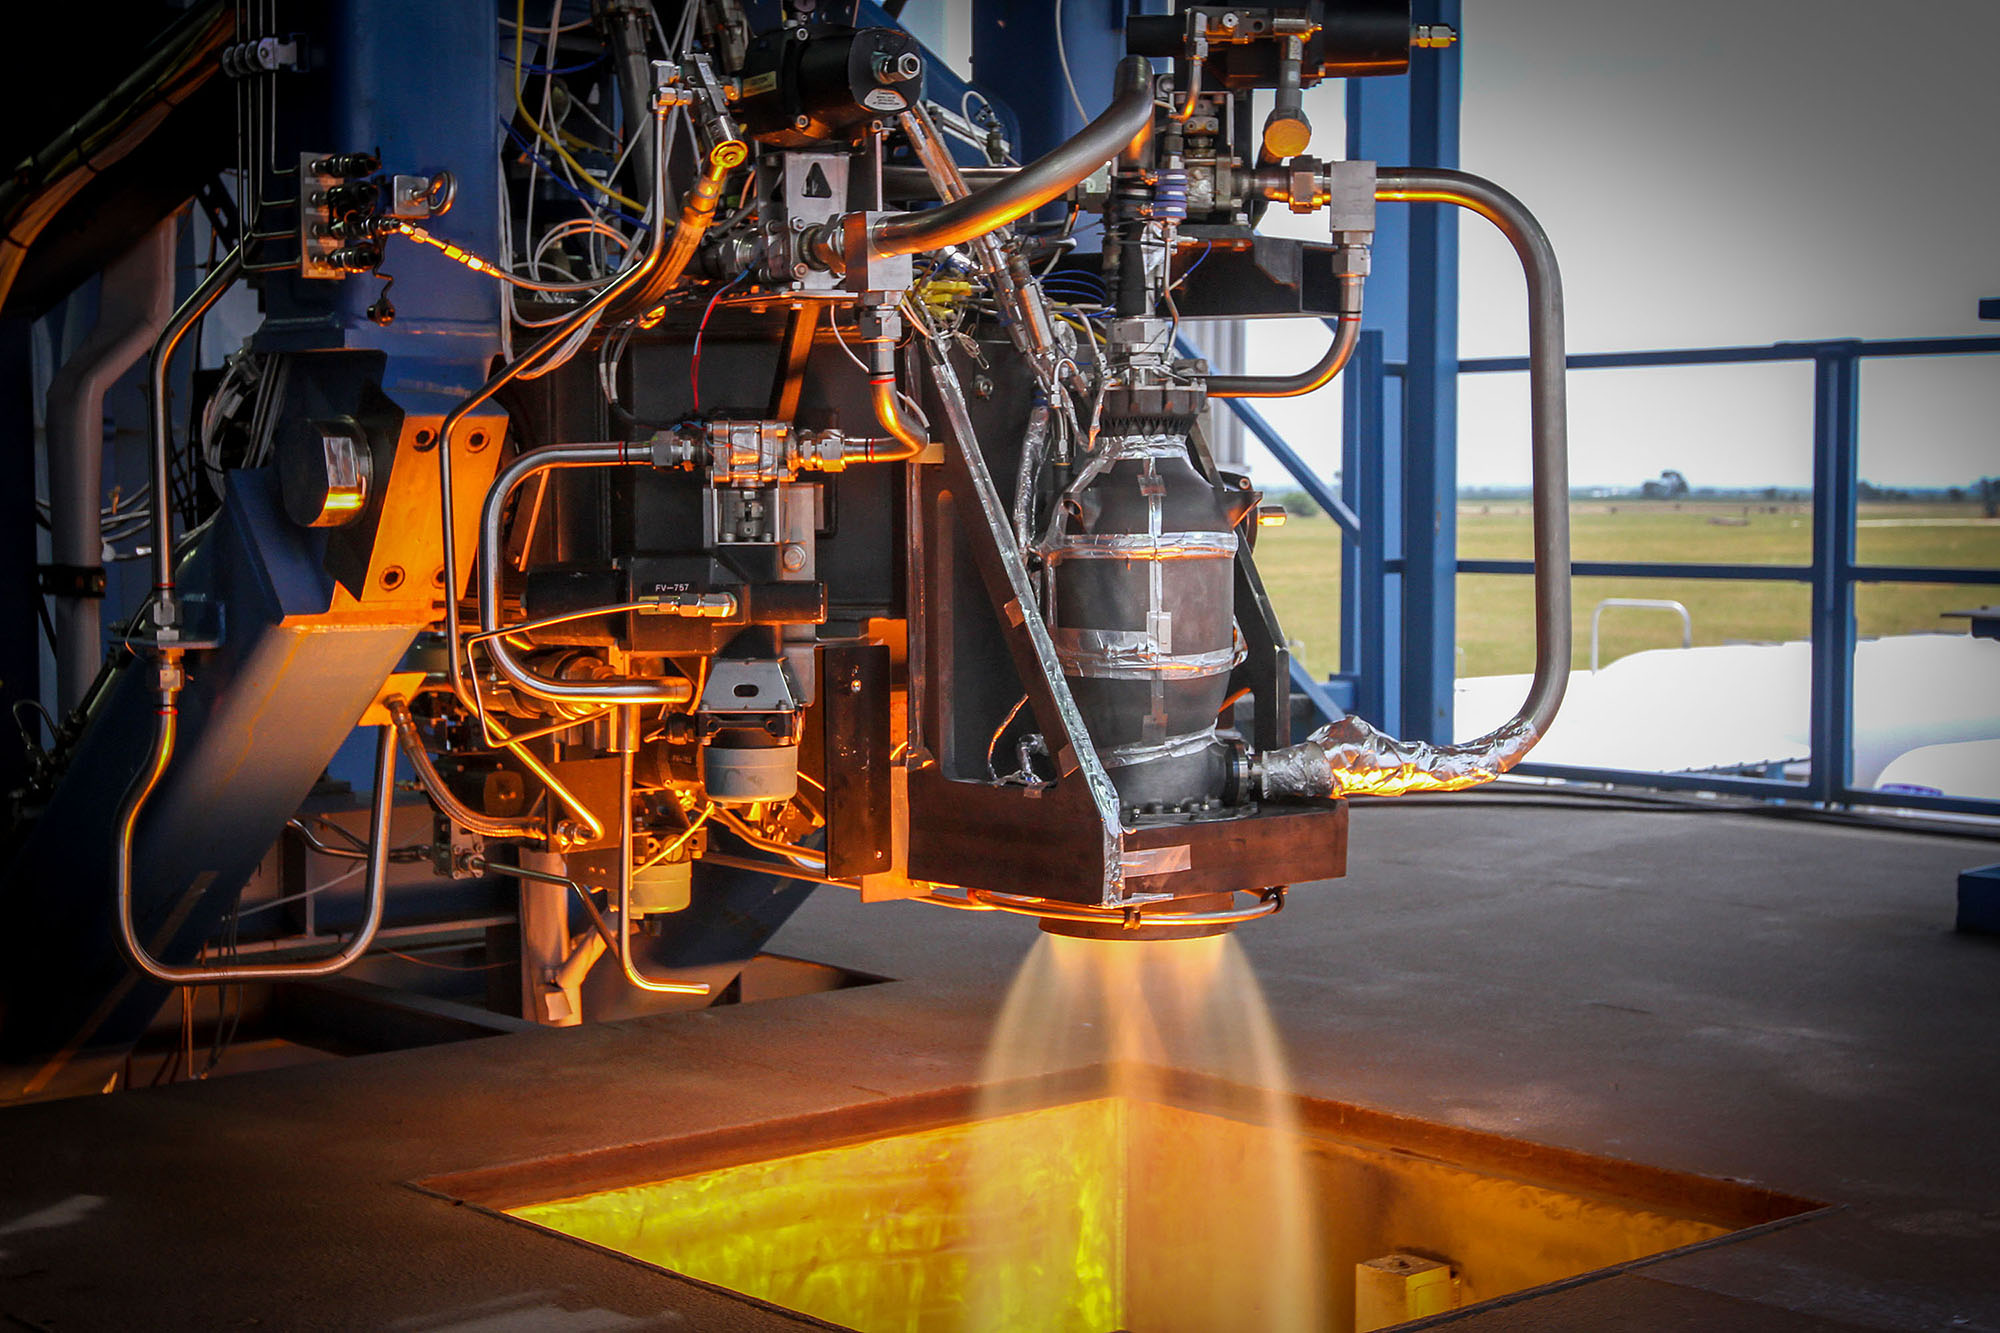 Vols habités : pourquoi SpaceX a fait plus de 700 tests de ses moteurs d'urgence SuperDraco